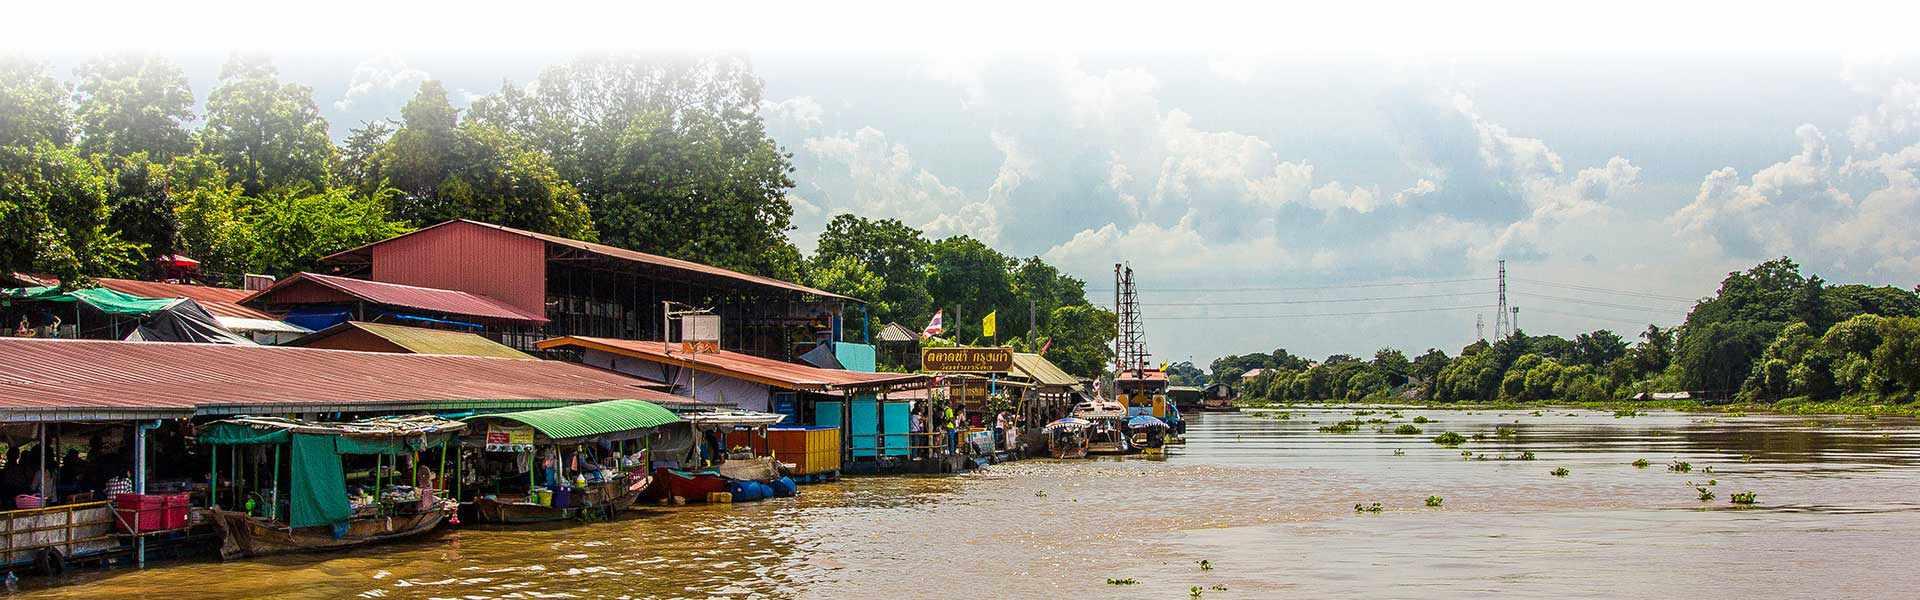 Ayutthaya tour river ride